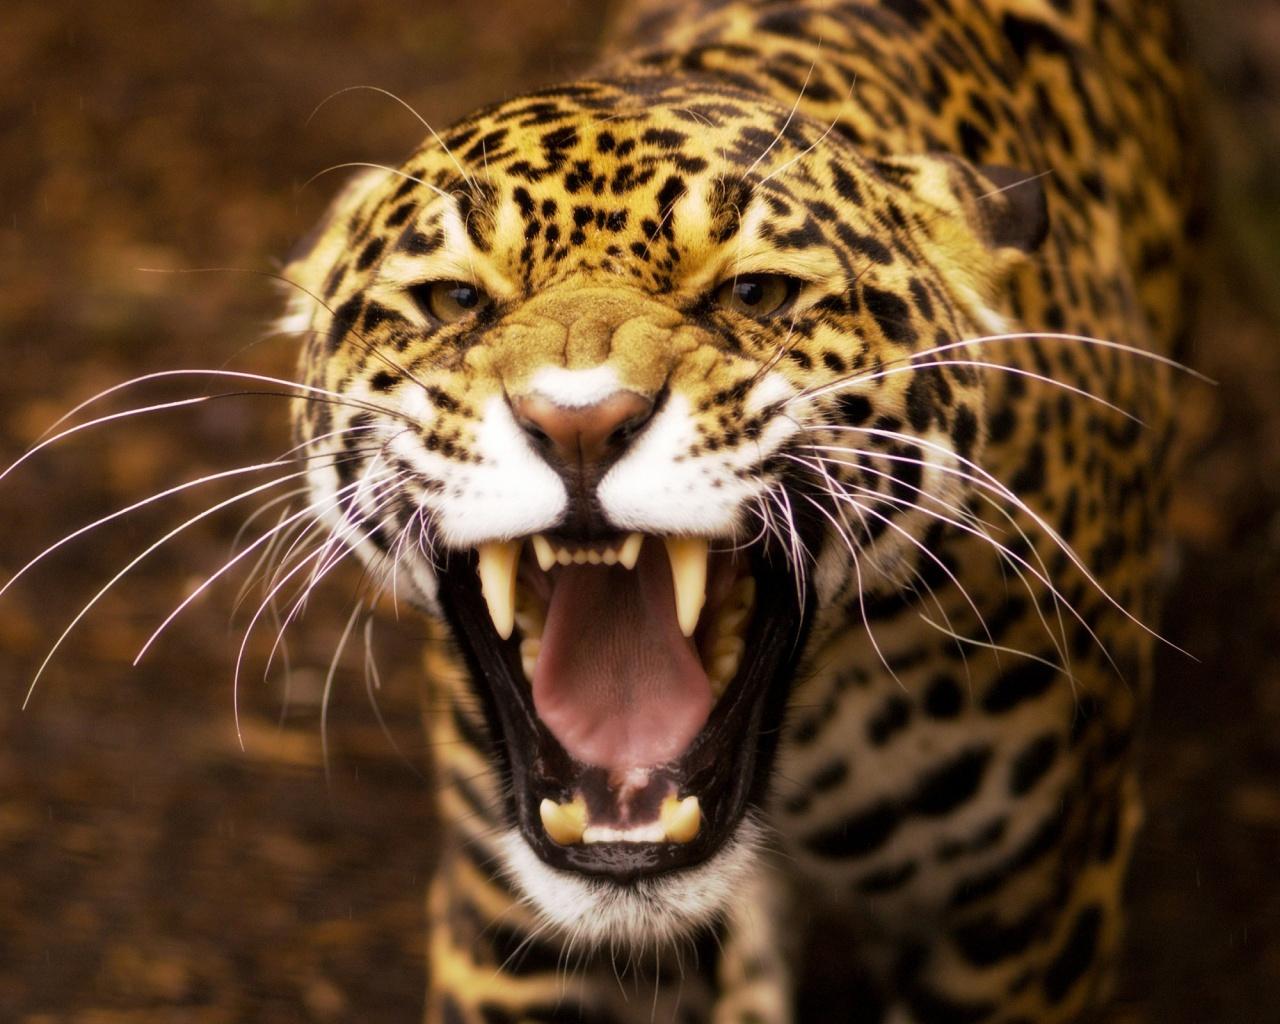 Angry Jaguar Wallpaper in 1280x1024 5:4